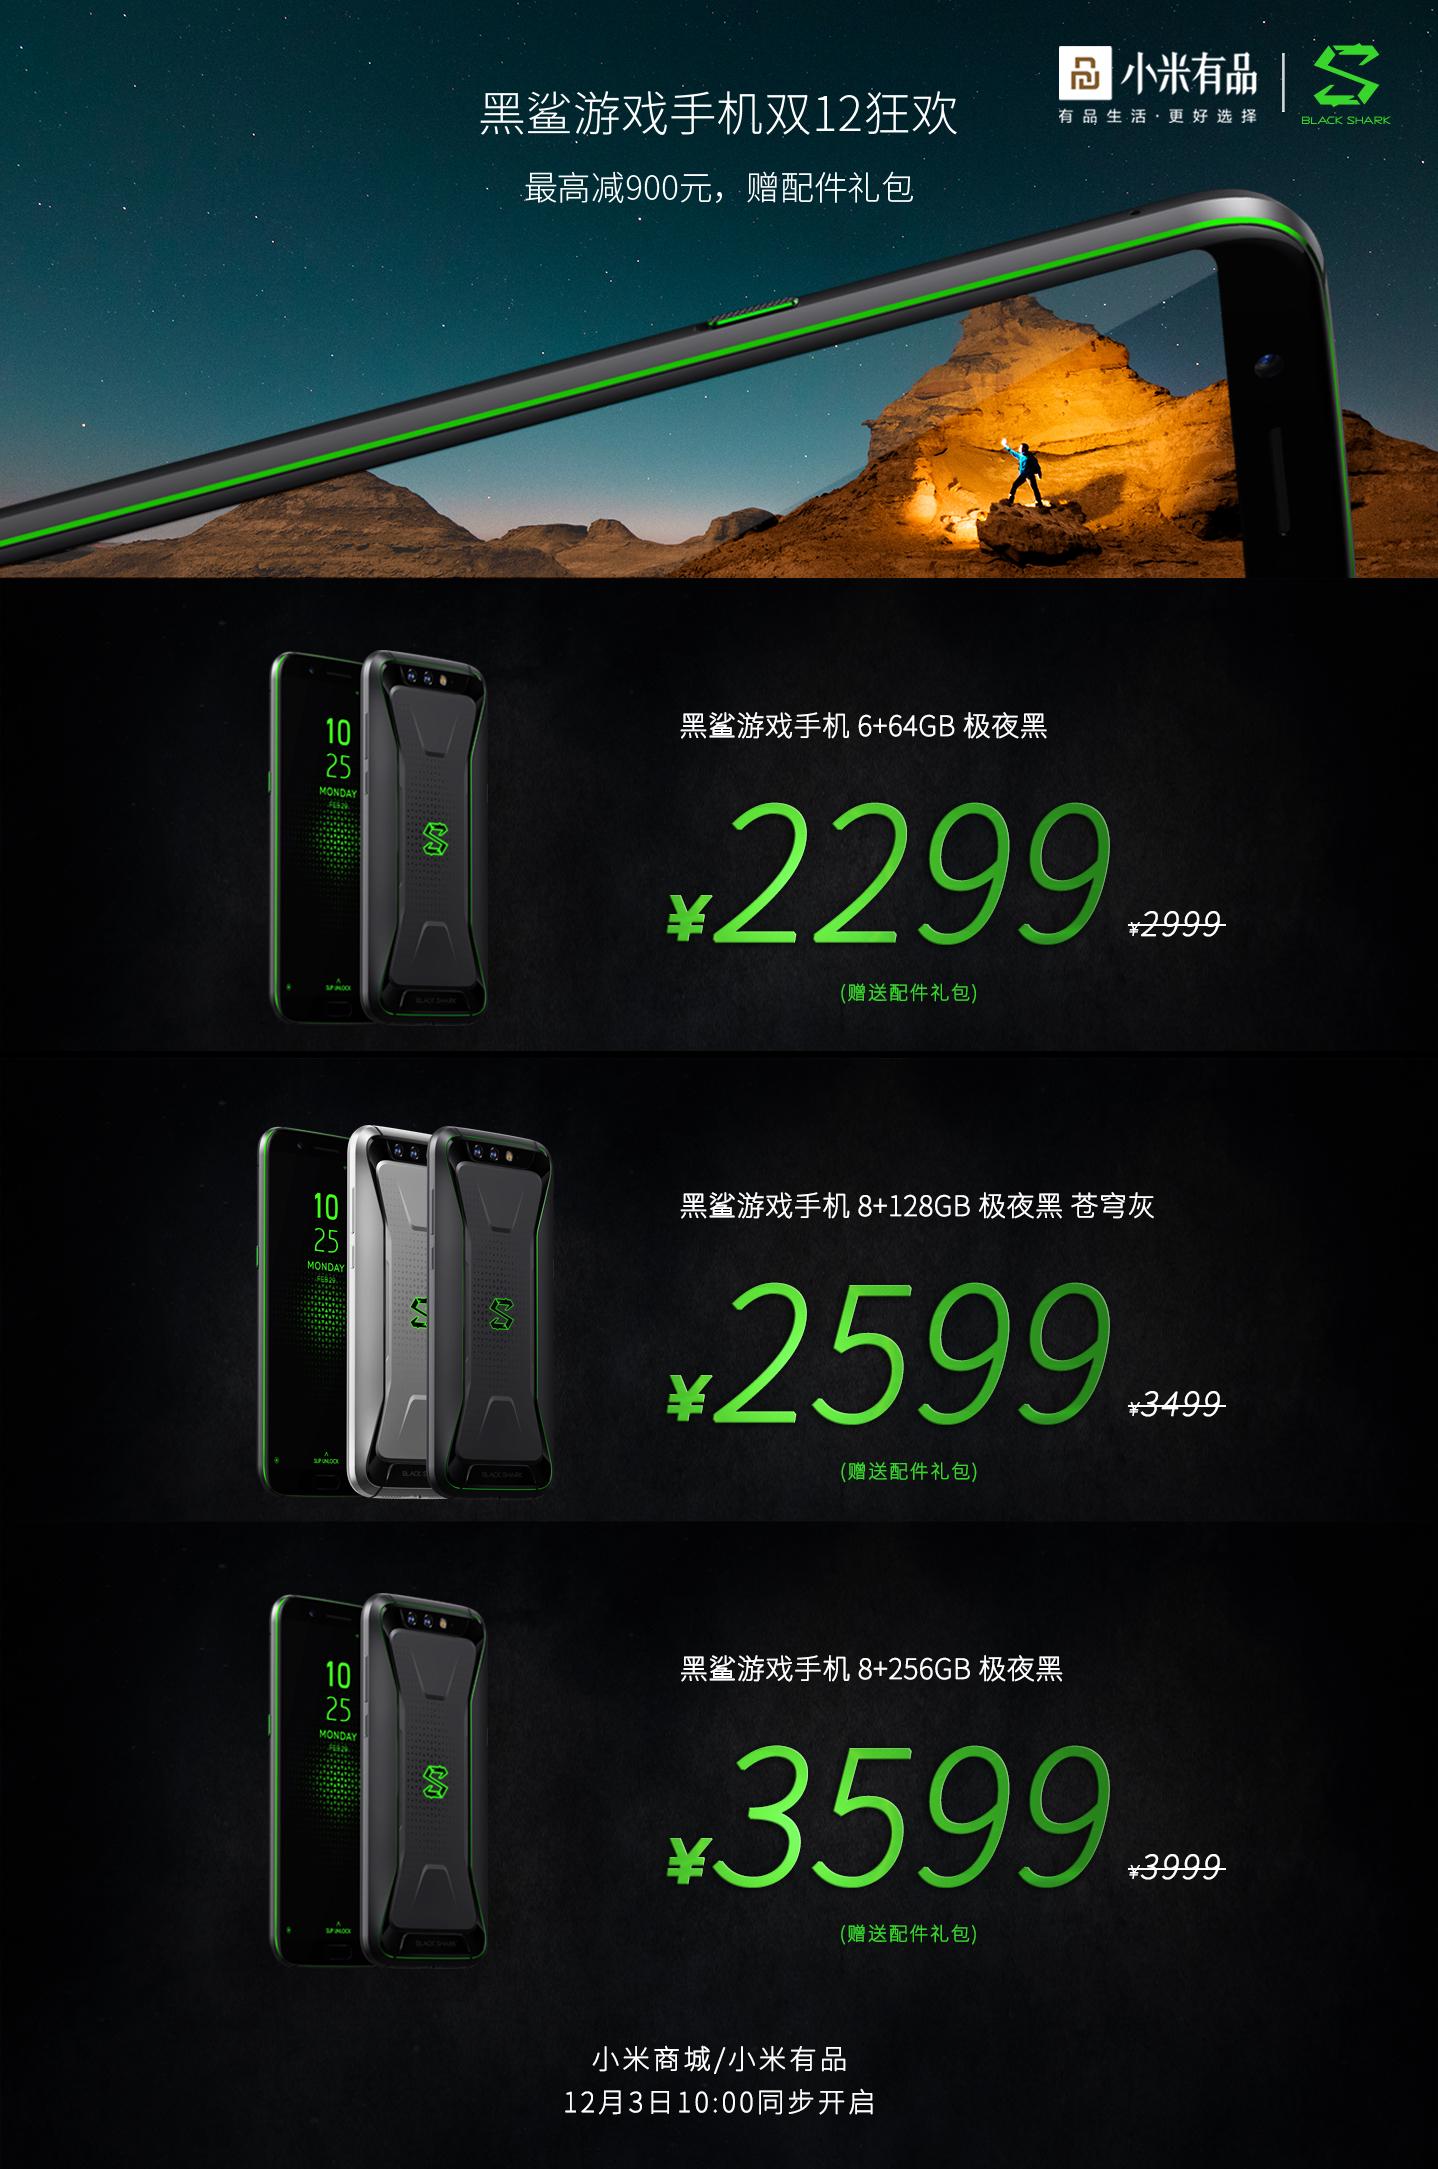 骁龙845+液冷散热 黑鲨游戏手机限时官降 2299元起